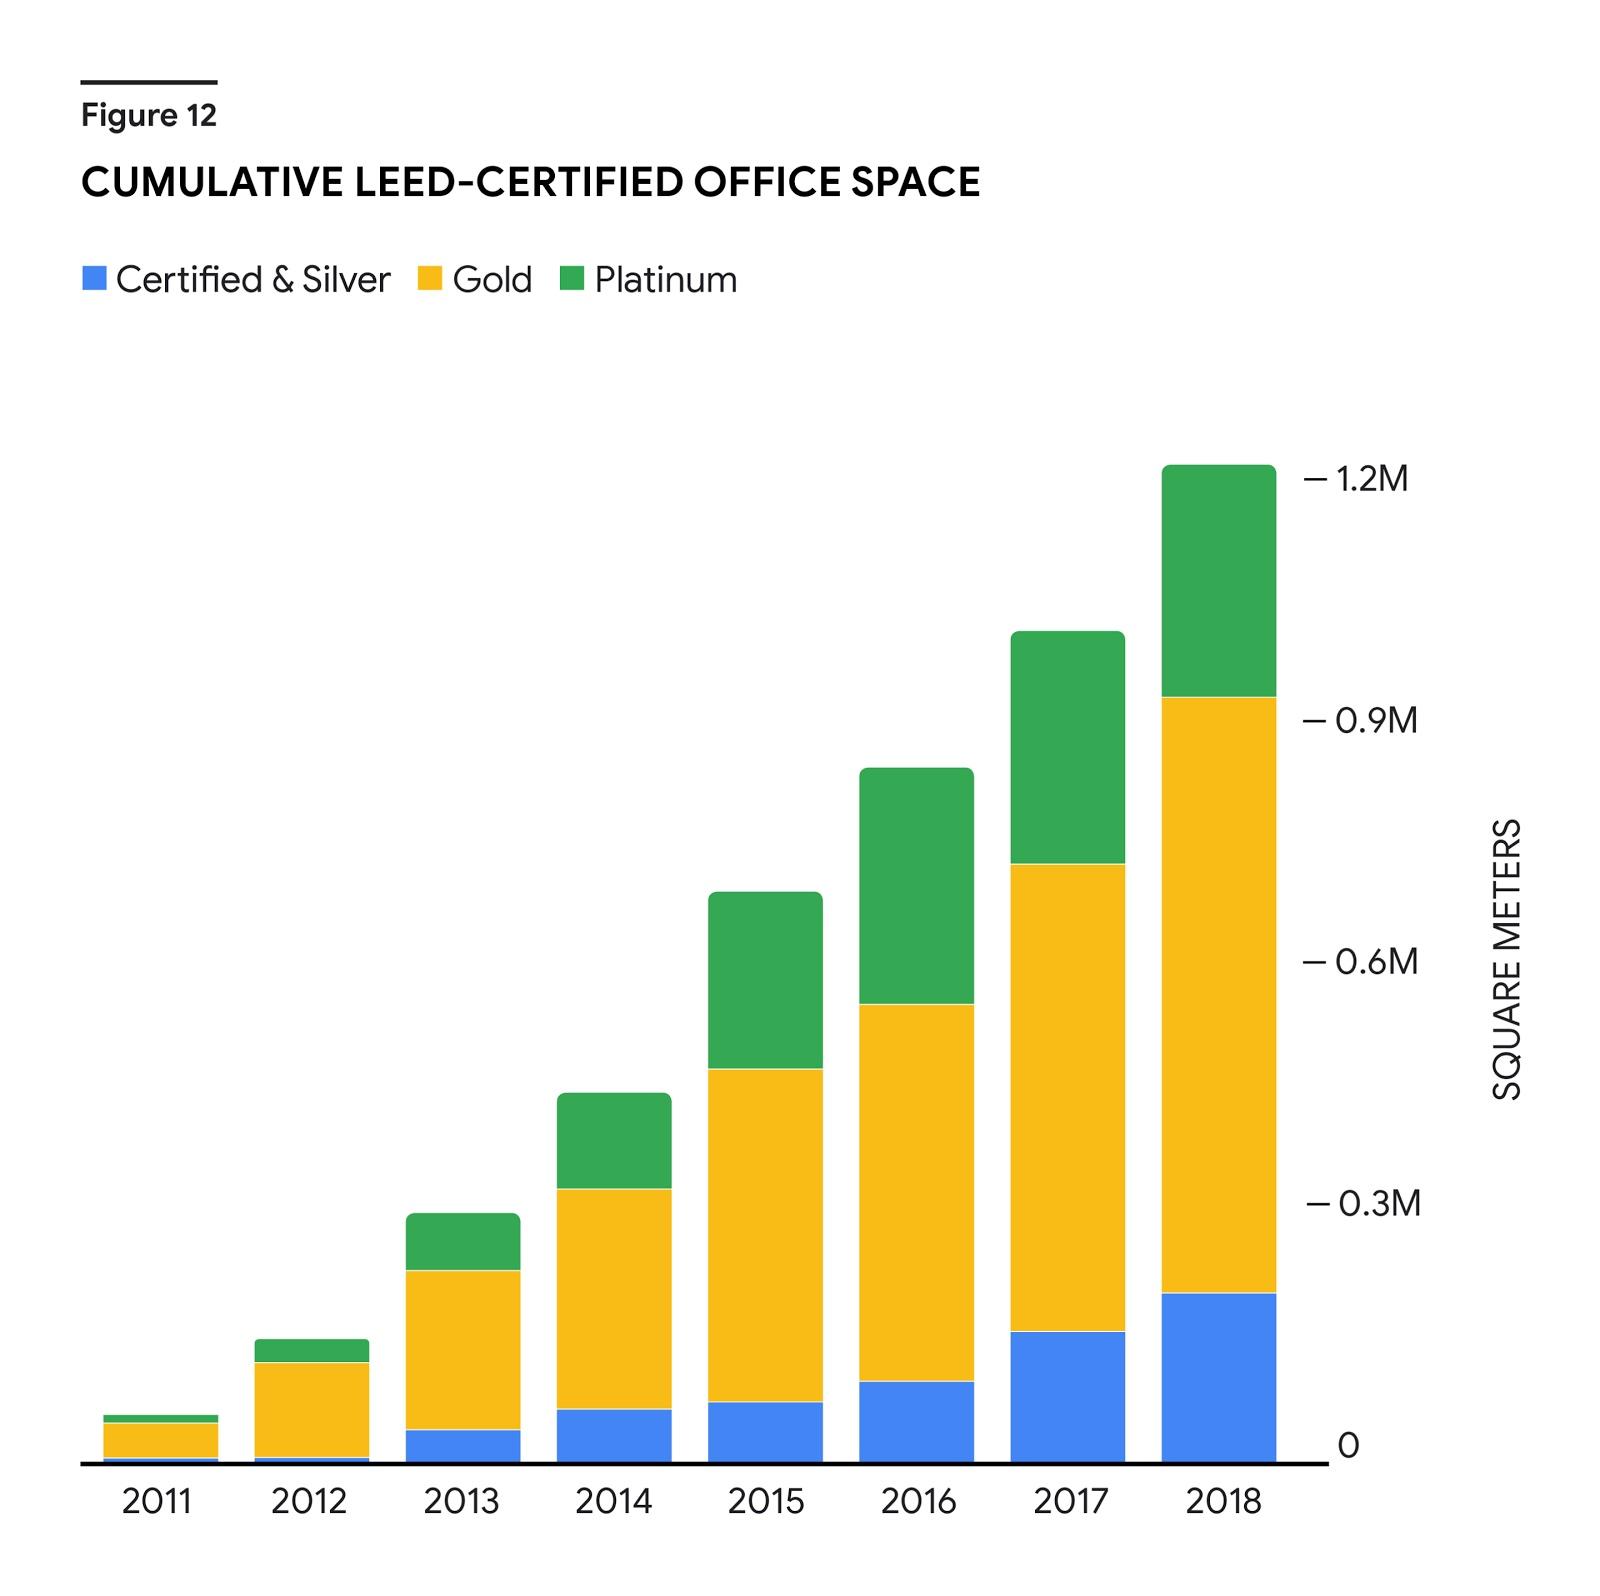 """Un graphique à barres empilées met en évidence une augmentation à peu près linéaire de la superficie de bureaux Google certifiée LEED entre 2011 et 2018. Le graphique fait la distinction entre la superficie certifiée """"Argent"""", """"Or"""" et """"Platine"""" dans chaque barre. L'axe des ordonnées va de 0 à 1,2million de mètres carrés."""